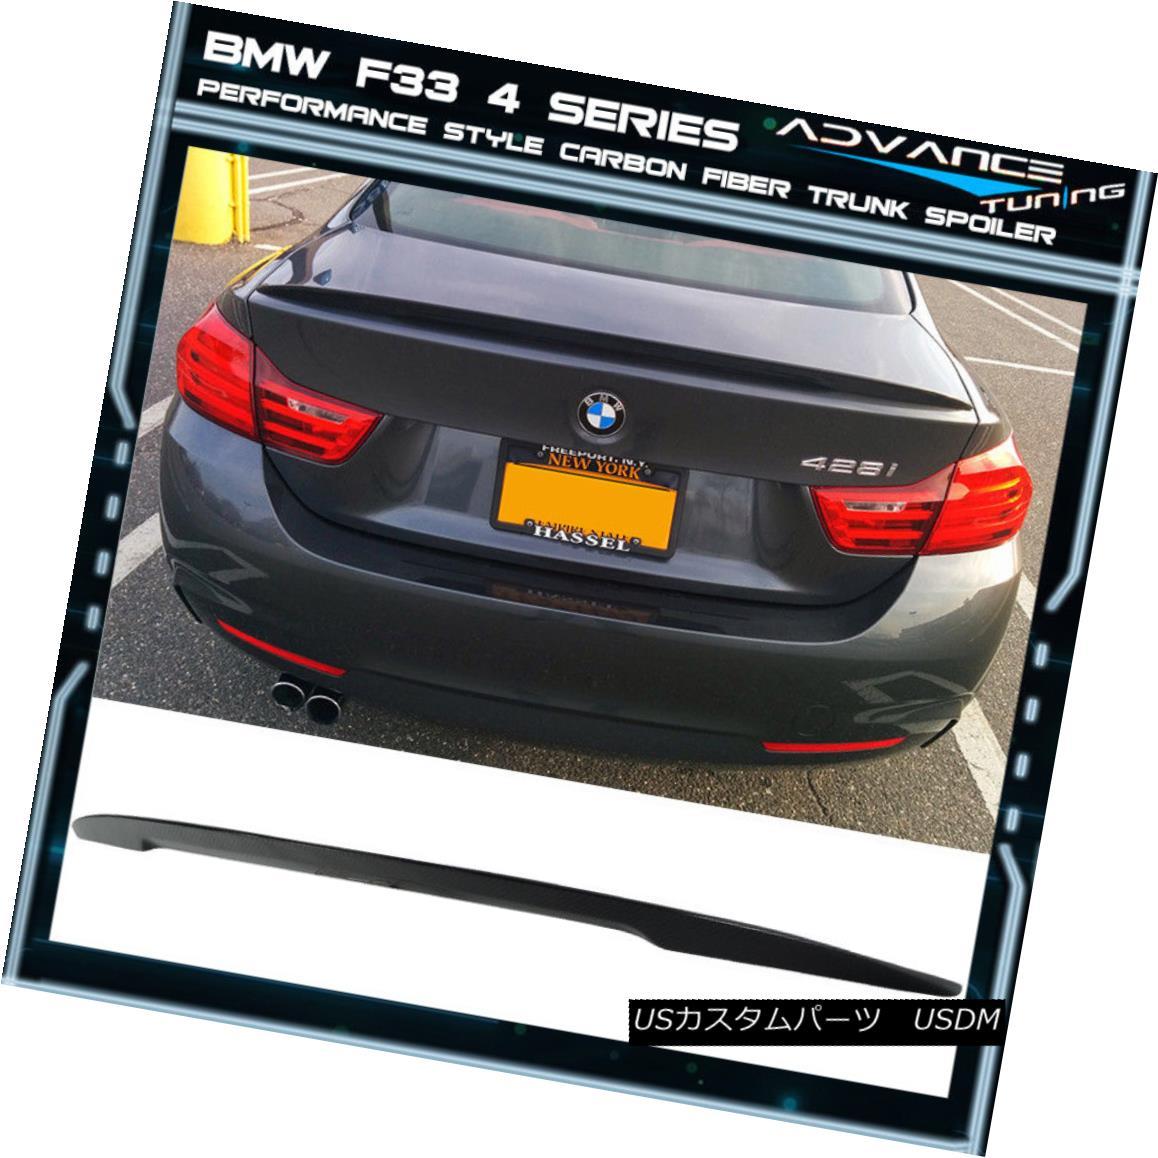 エアロパーツ 14-17 BMW F33 4 Series P Style Carbon Fiber CF Trunk Spoiler 14-17 BMW F33 4シリーズPスタイル炭素繊維CFトランク・スポイラー